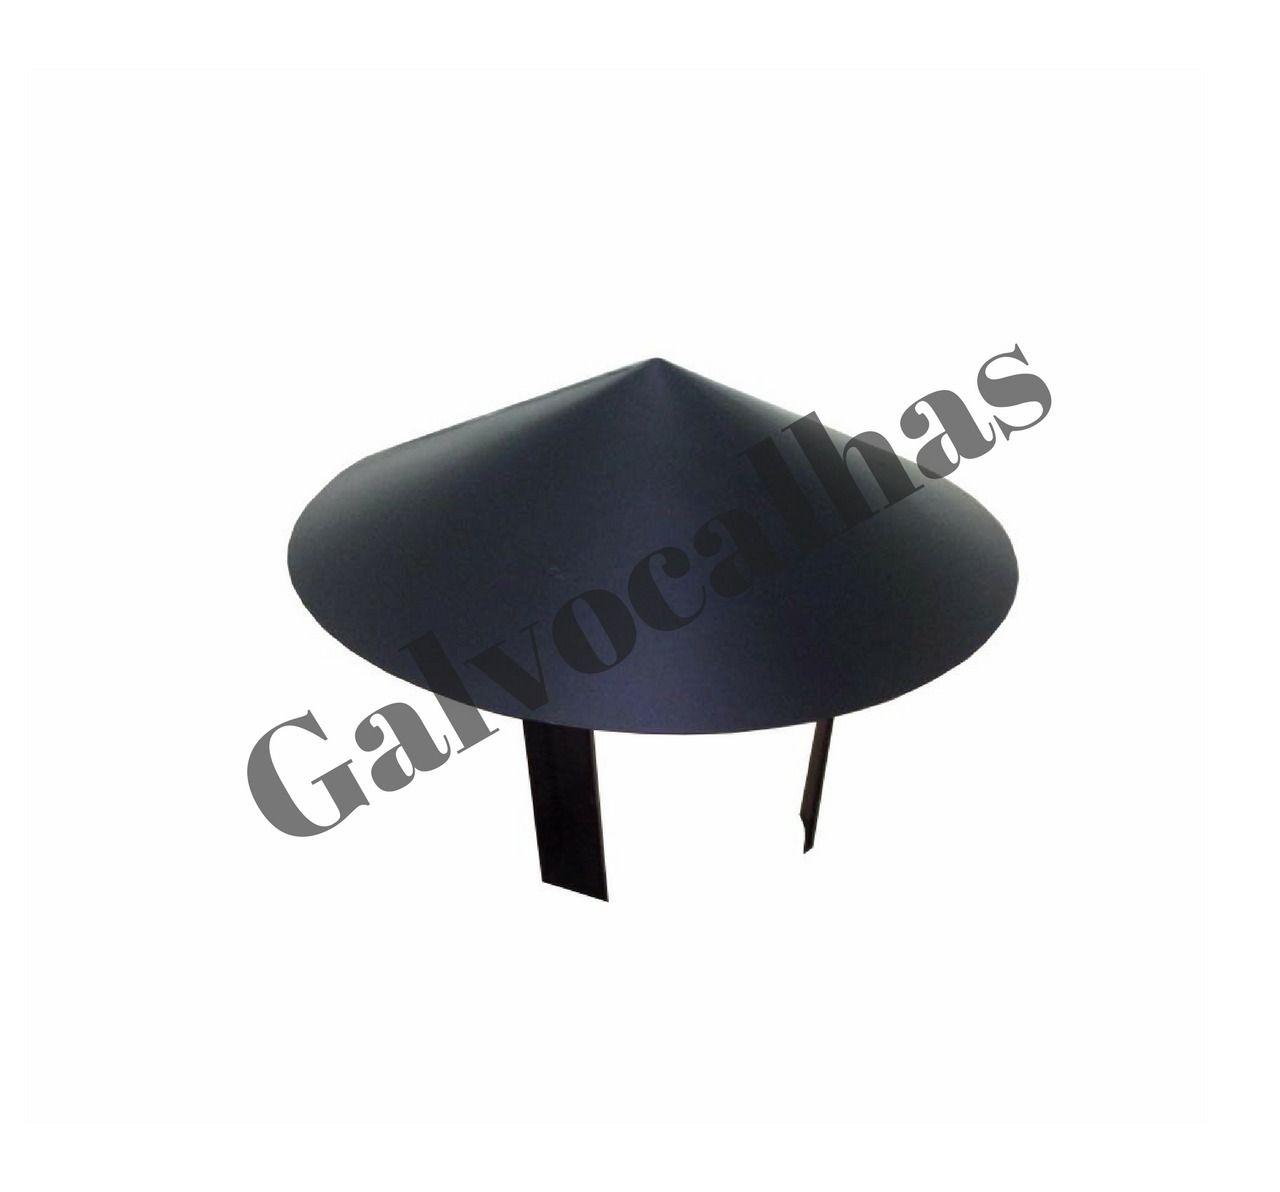 2 metros de duto preto com chapéu para chaminé - Vários diâmetros - Consulte-nos!  - Galvocalhas